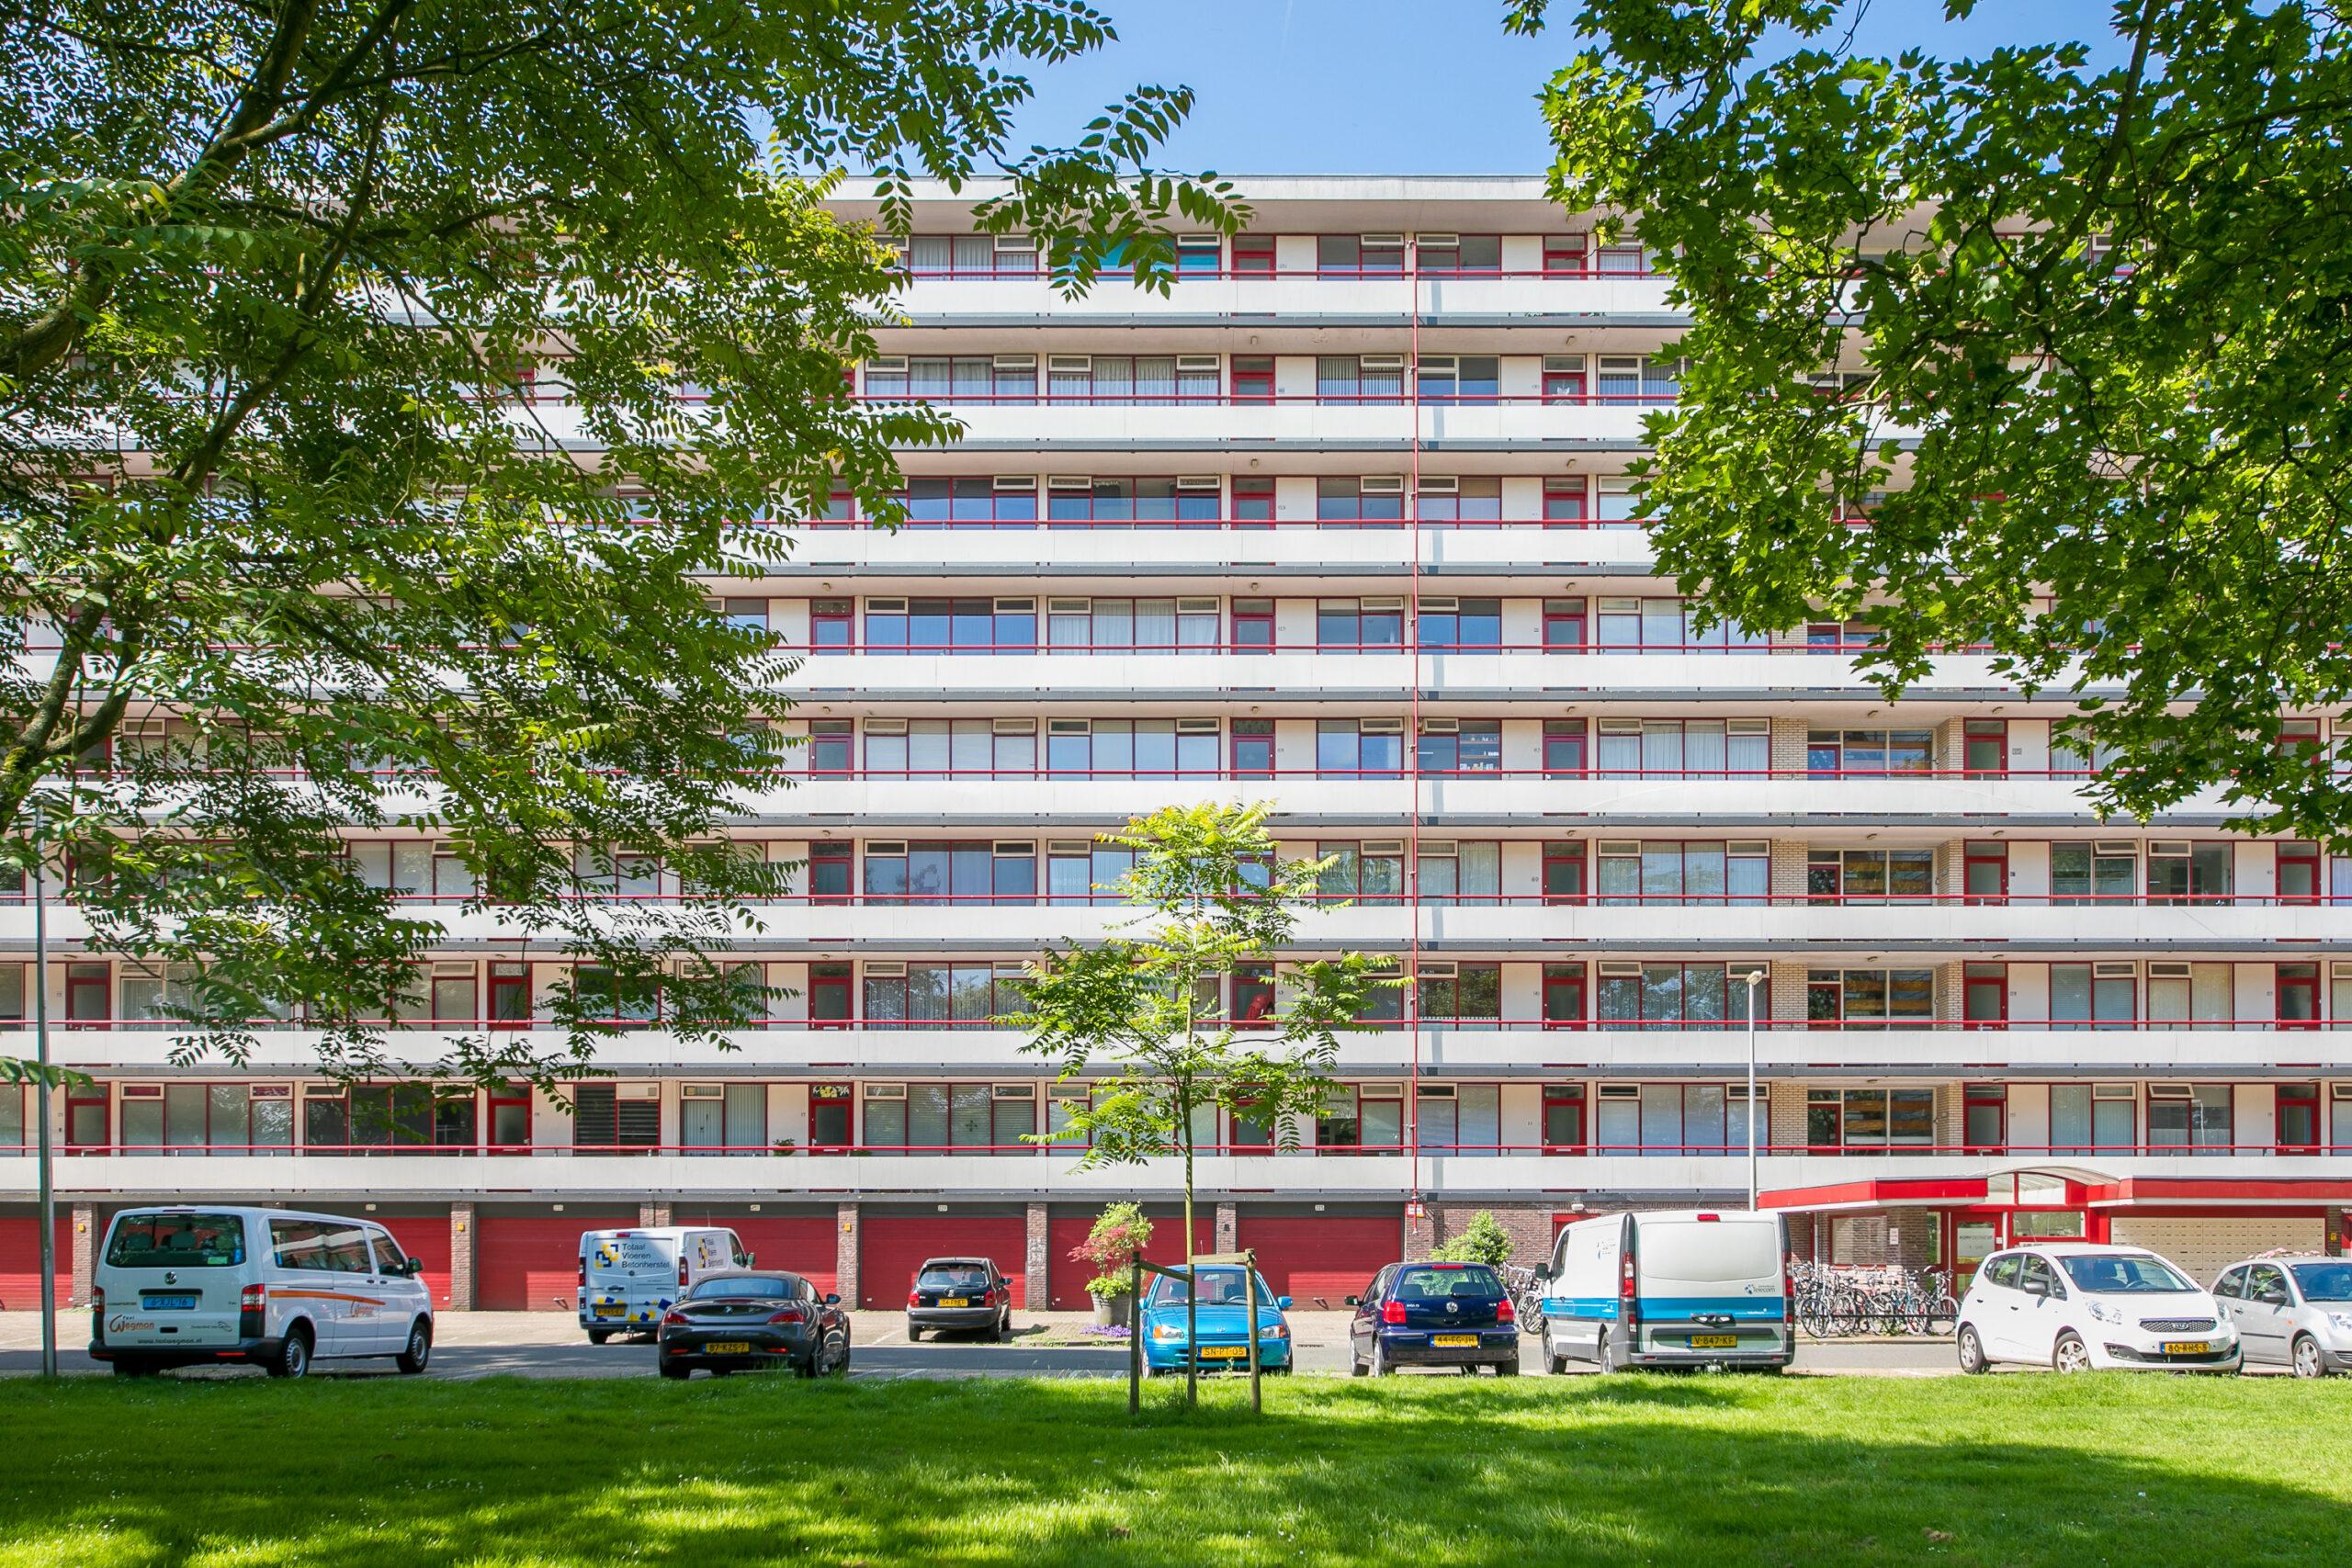 Korfoedreef 127, 3562 SH Utrecht